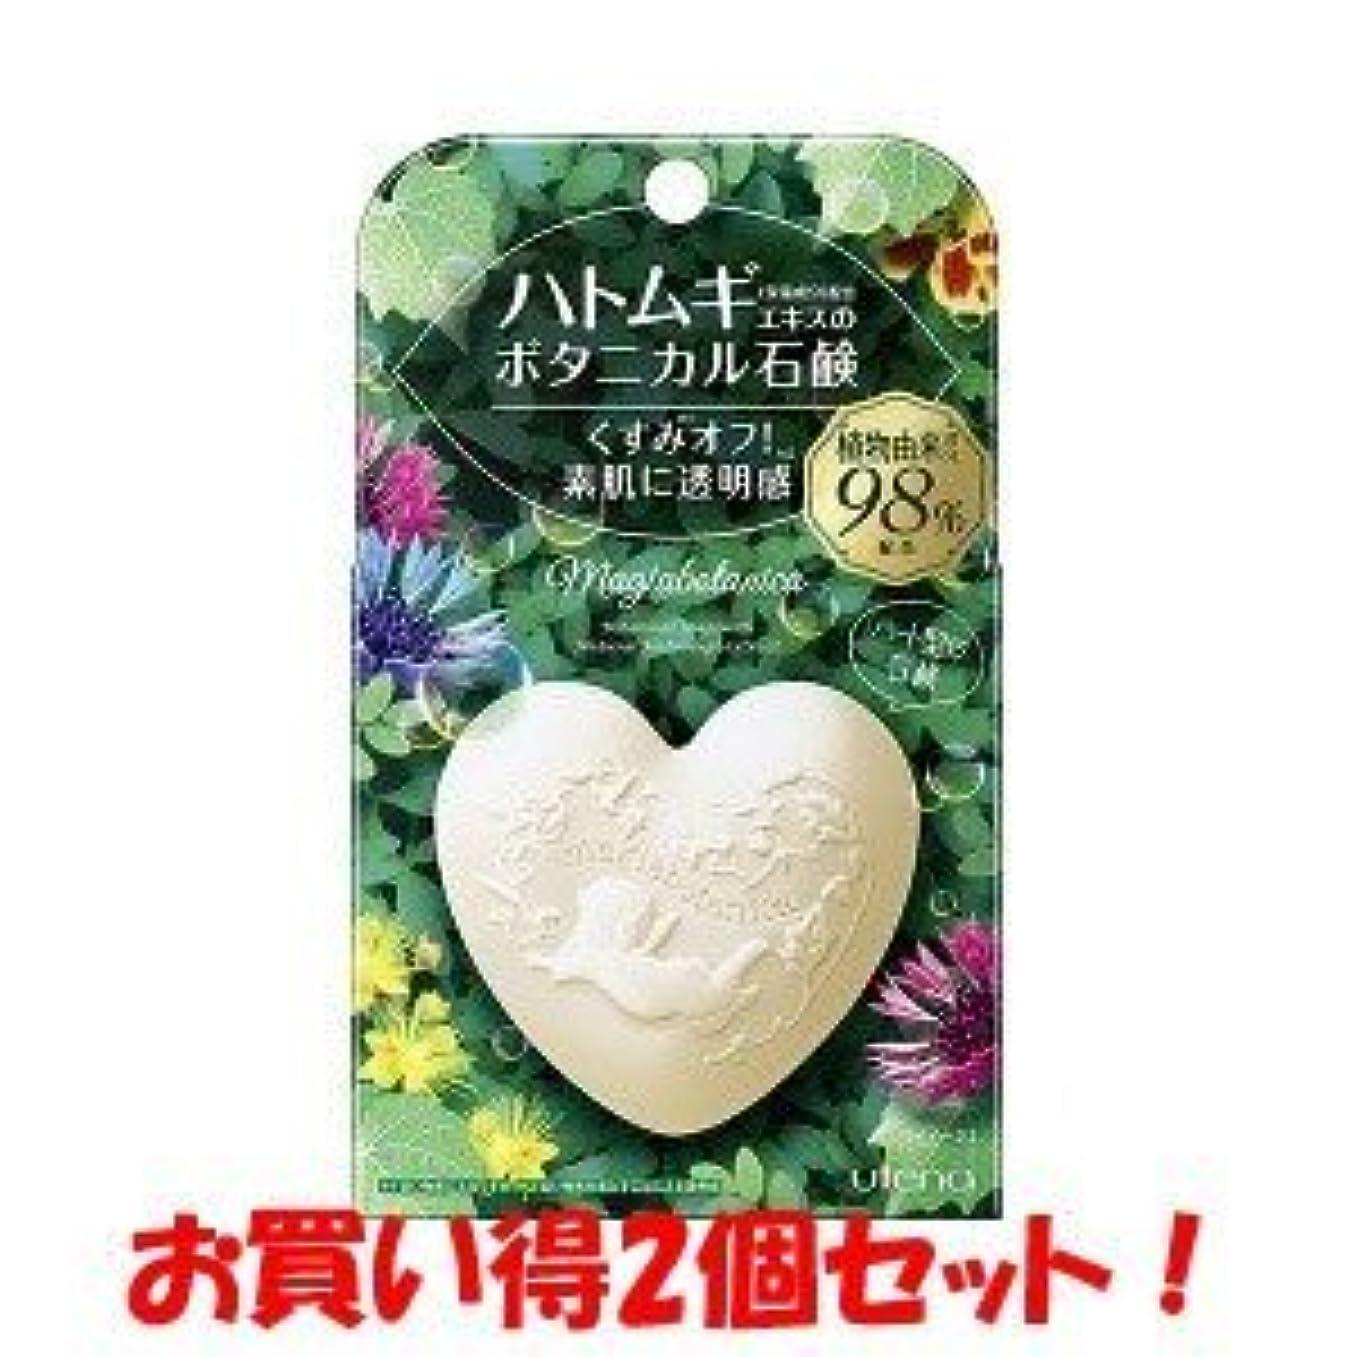 農夫オーストラリア人公式(ウテナ)マジアボタニカ ボタニカル石鹸 100g(お買い得2個セット)